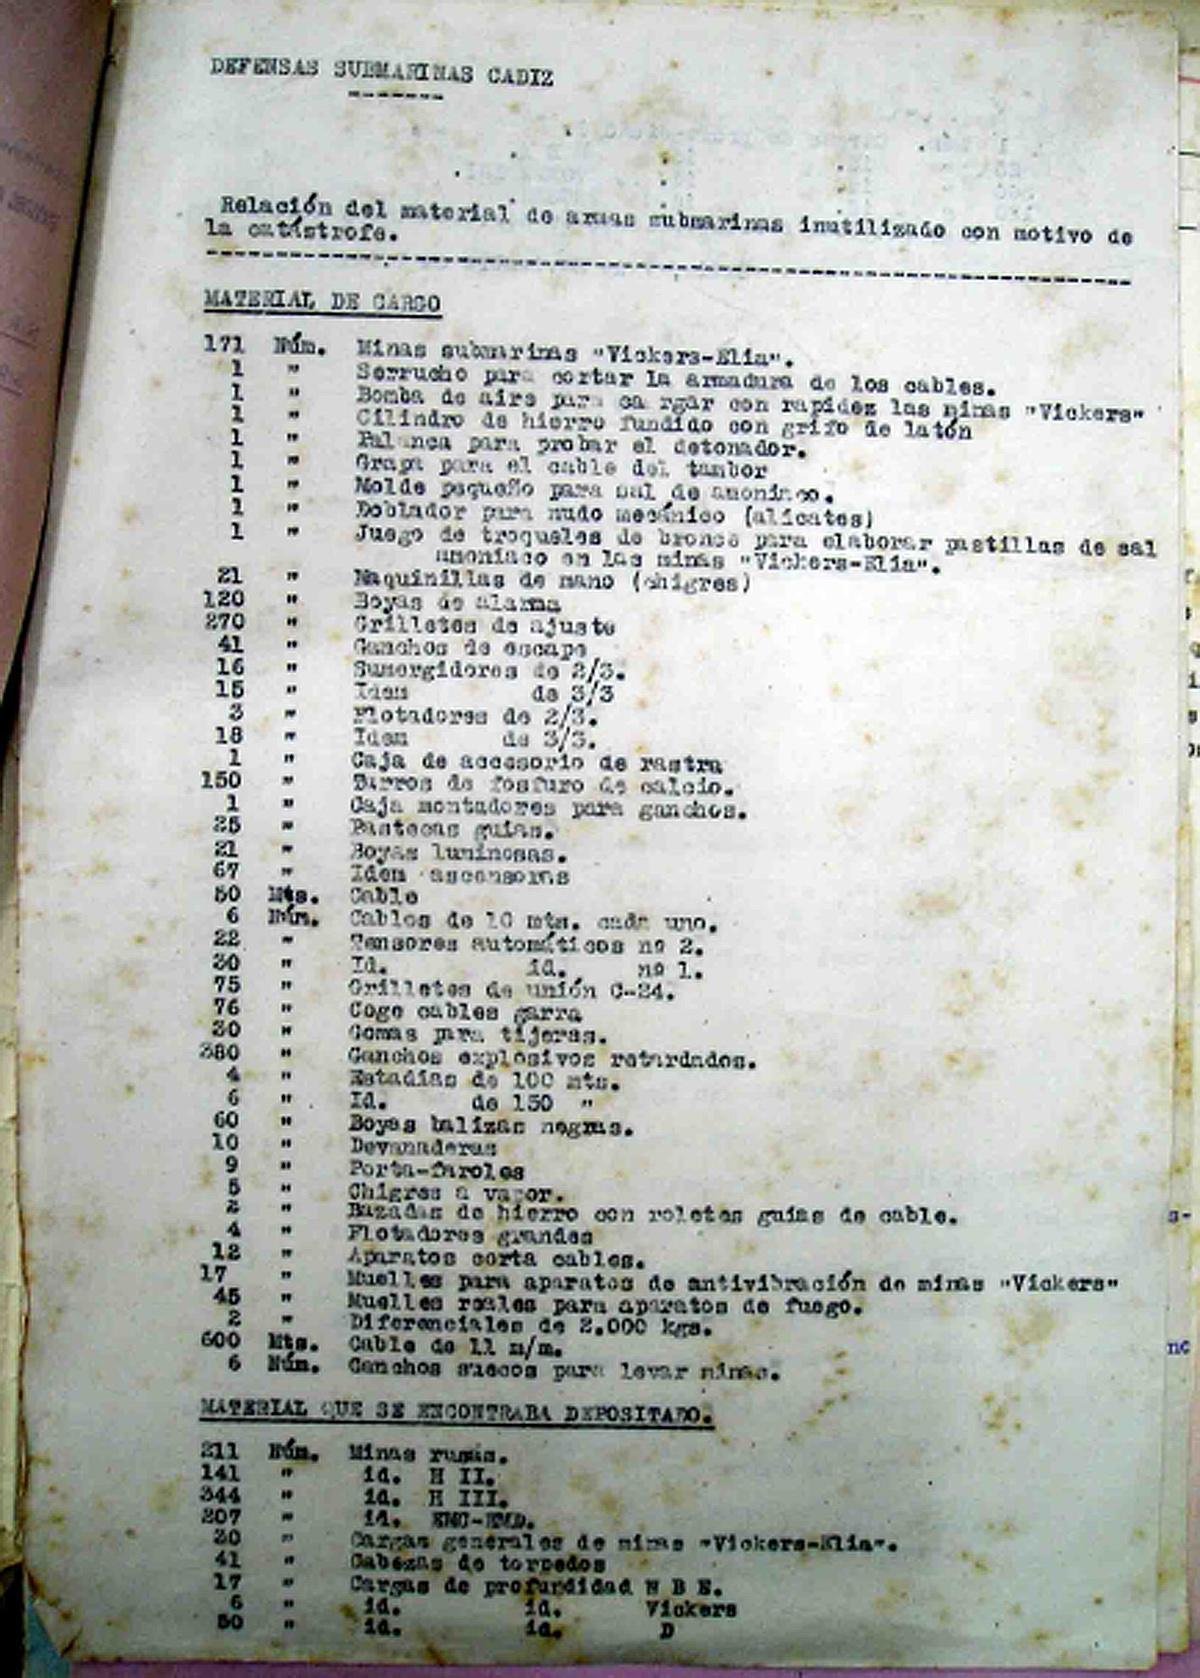 Listado del material inutilizado por la explosión en Defensas Submarinas 1